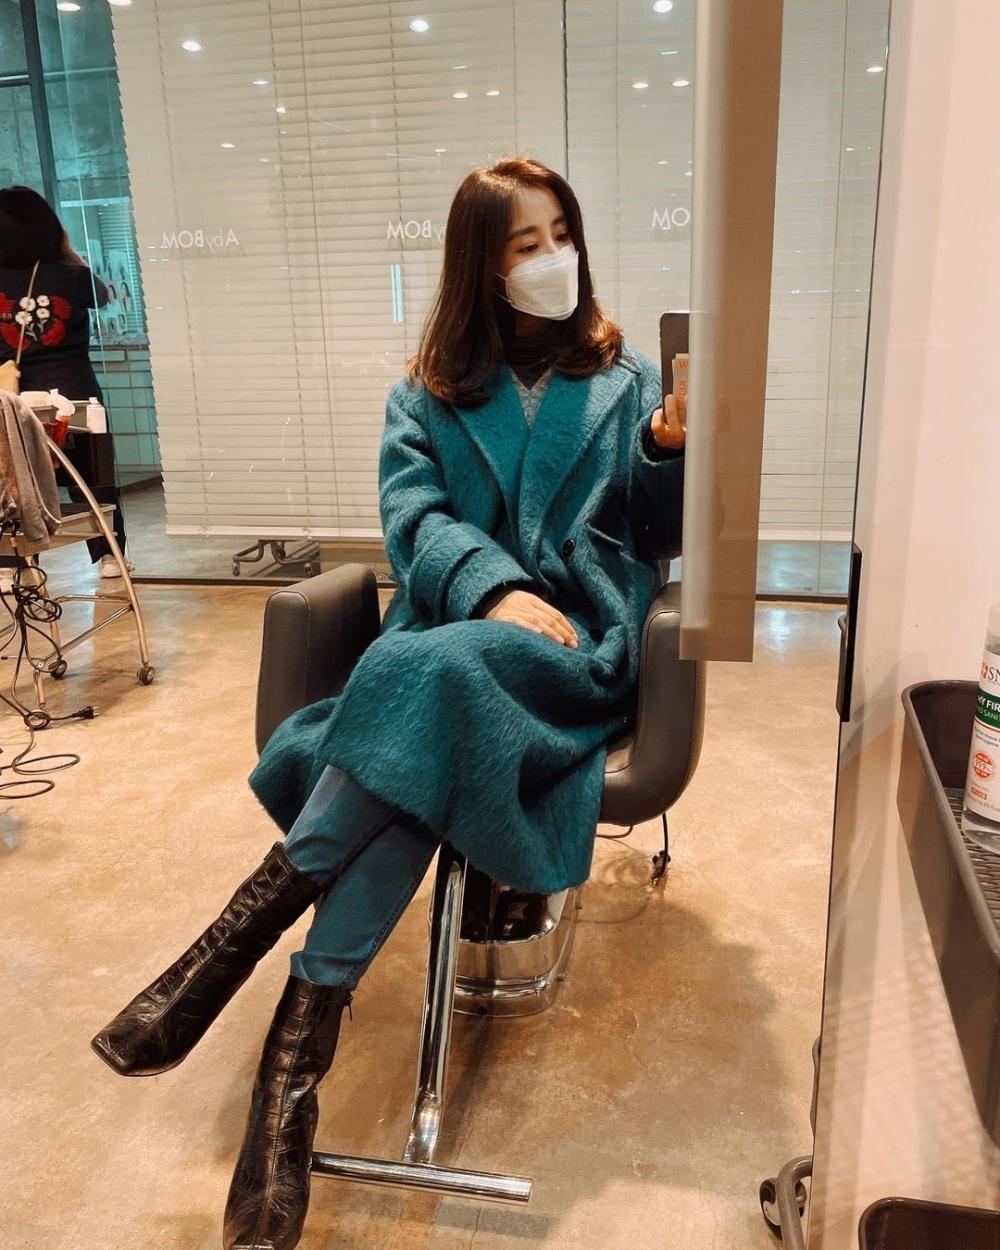 韓國星級髮型師親授洗髮秘技5